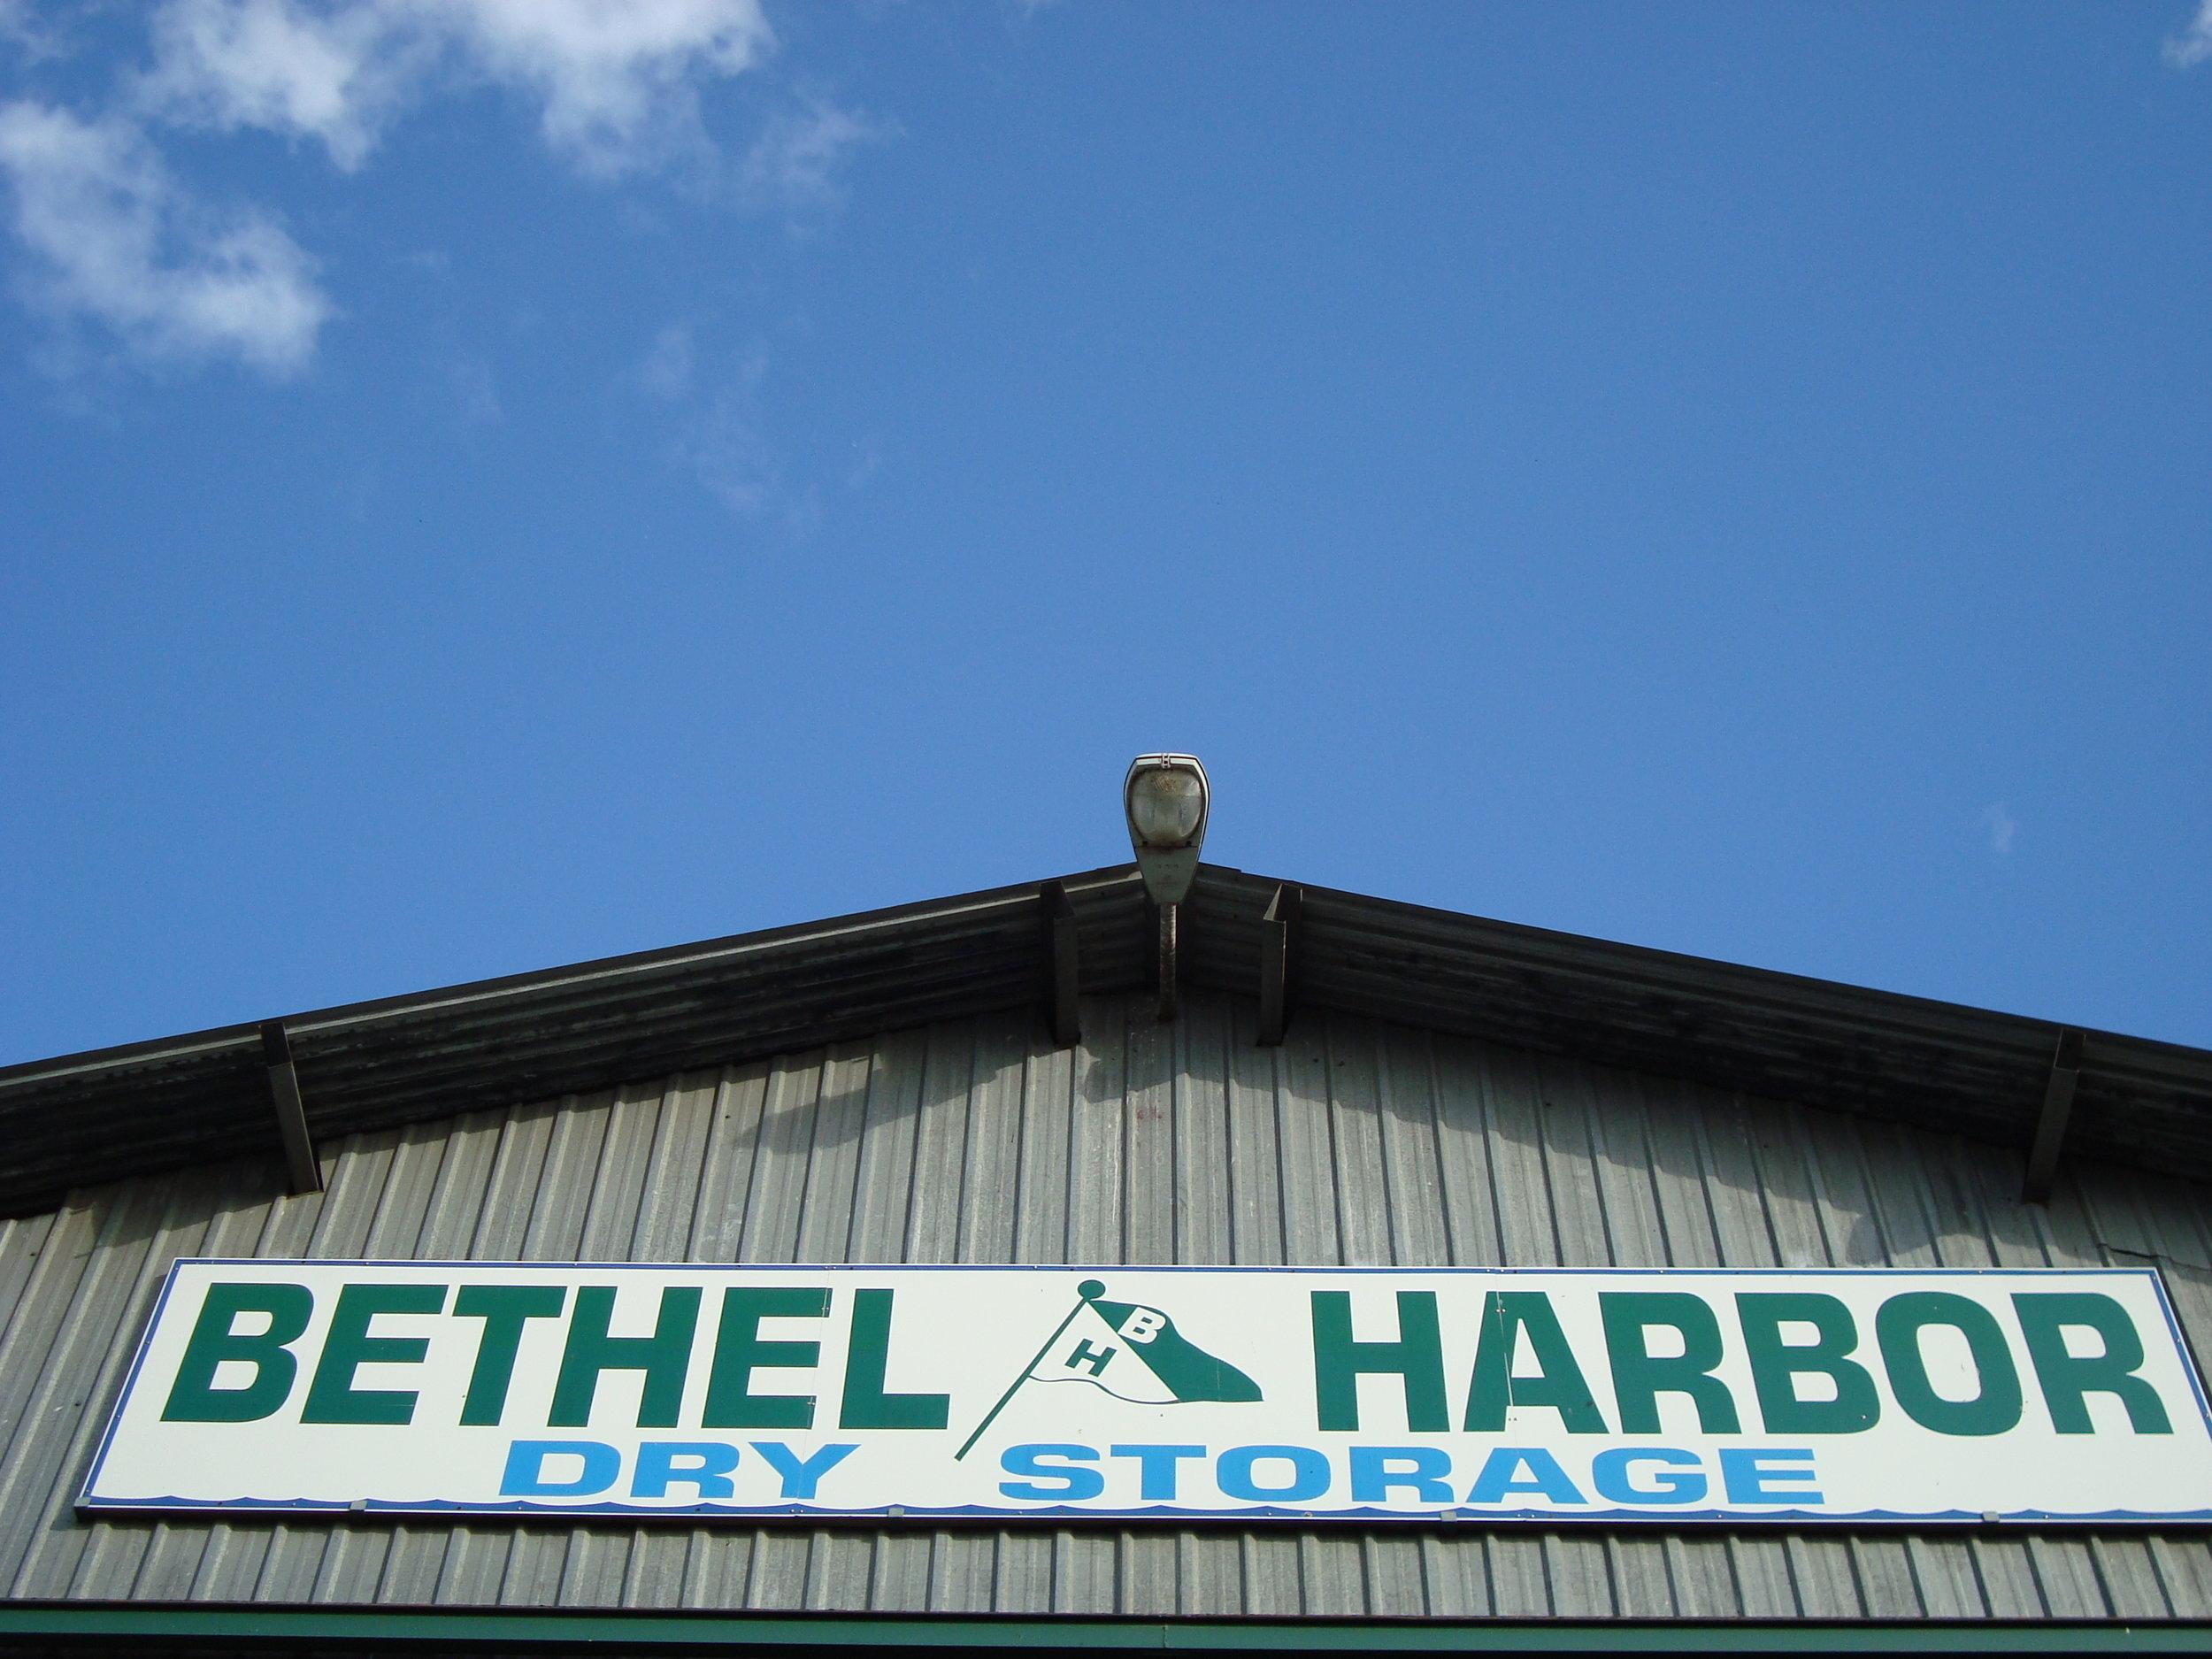 bethel-harbor dry-storage-building.jpg